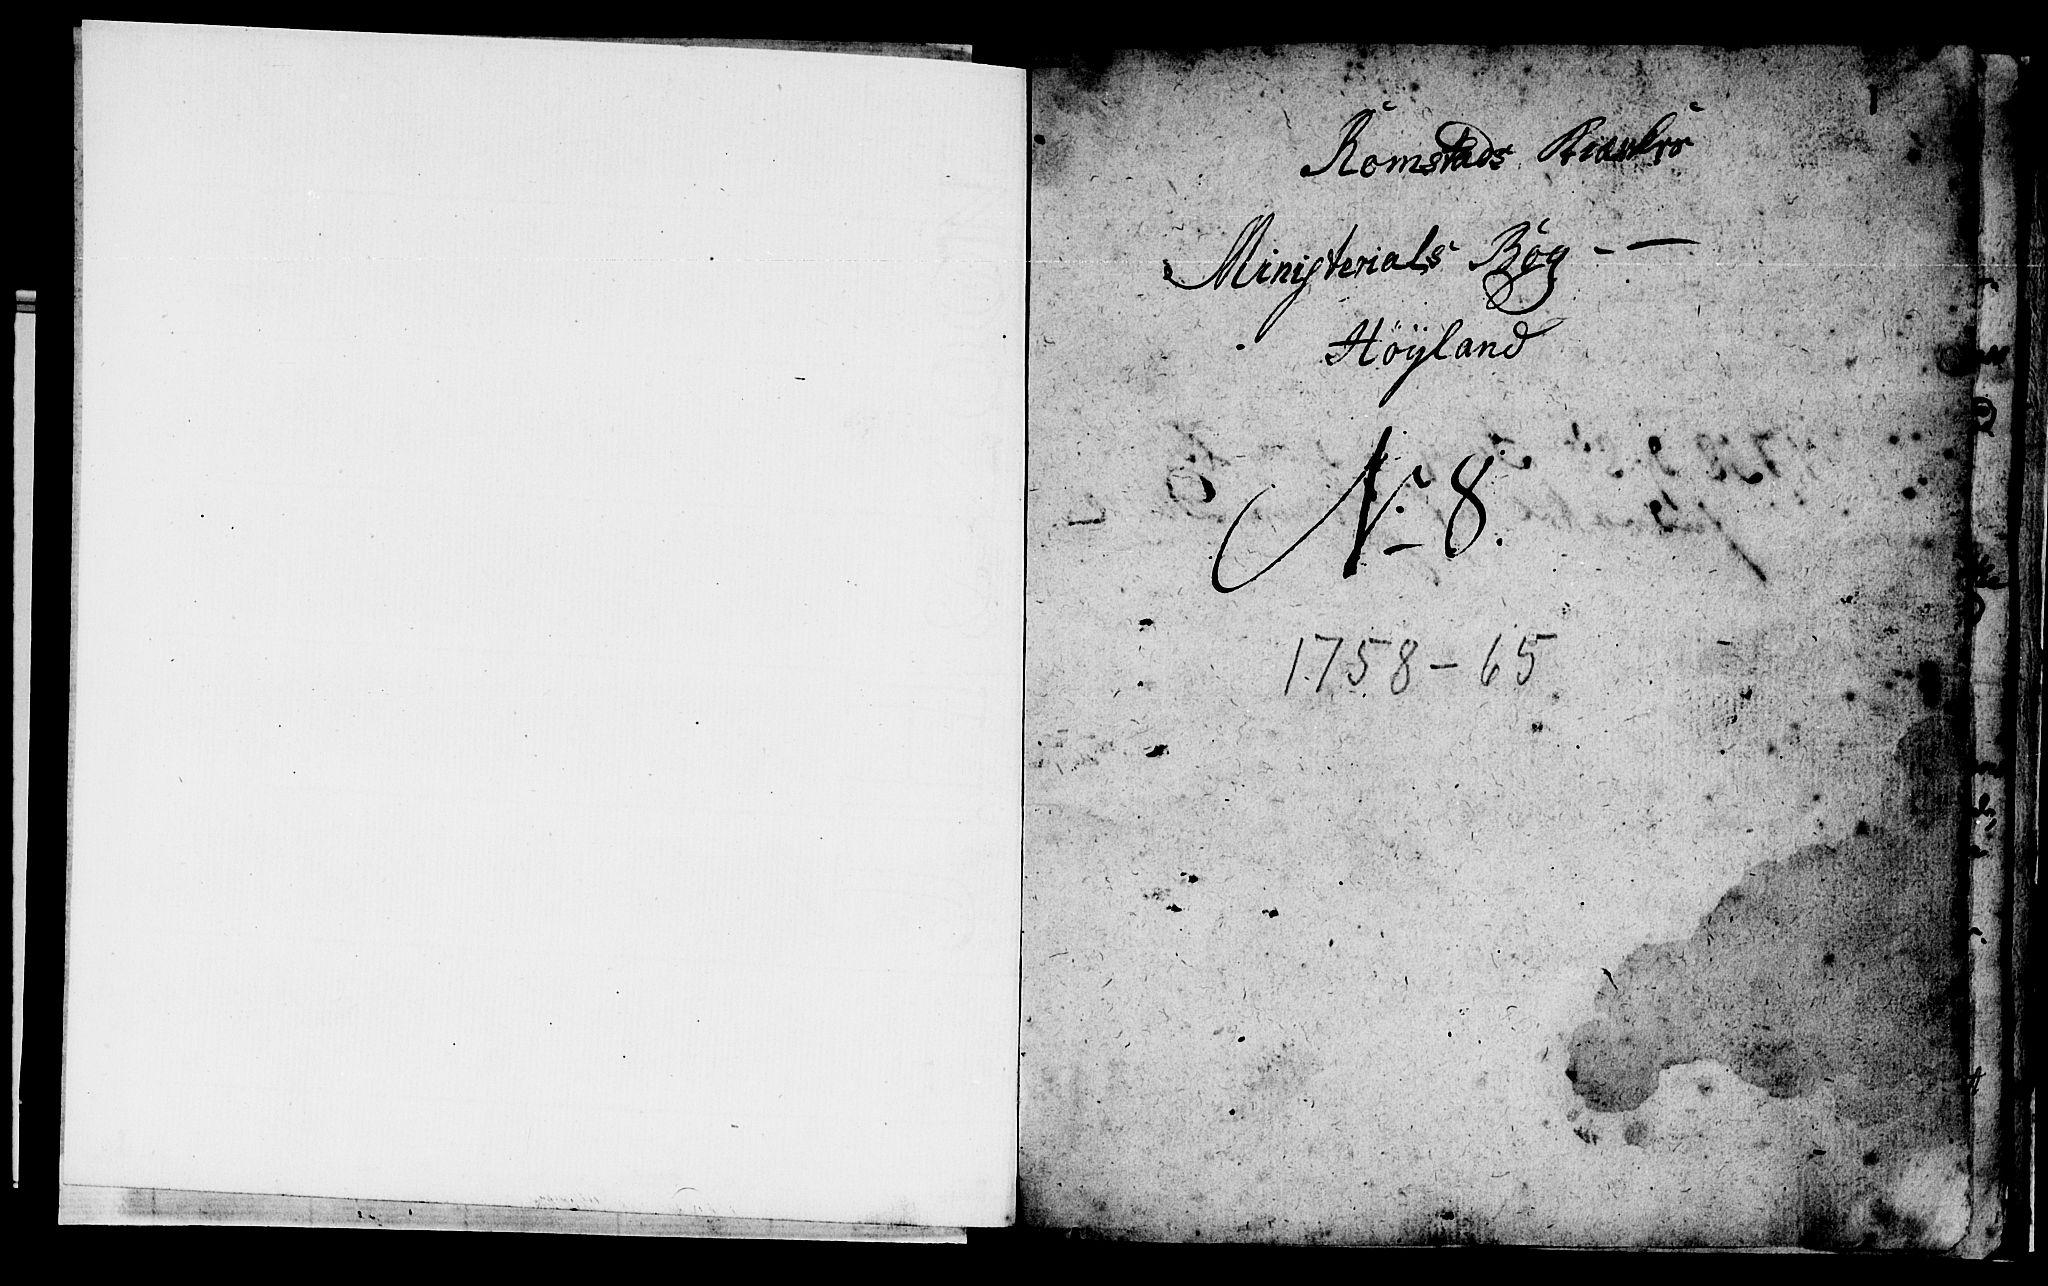 SAT, Ministerialprotokoller, klokkerbøker og fødselsregistre - Nord-Trøndelag, 765/L0561: Ministerialbok nr. 765A02, 1758-1765, s. 1